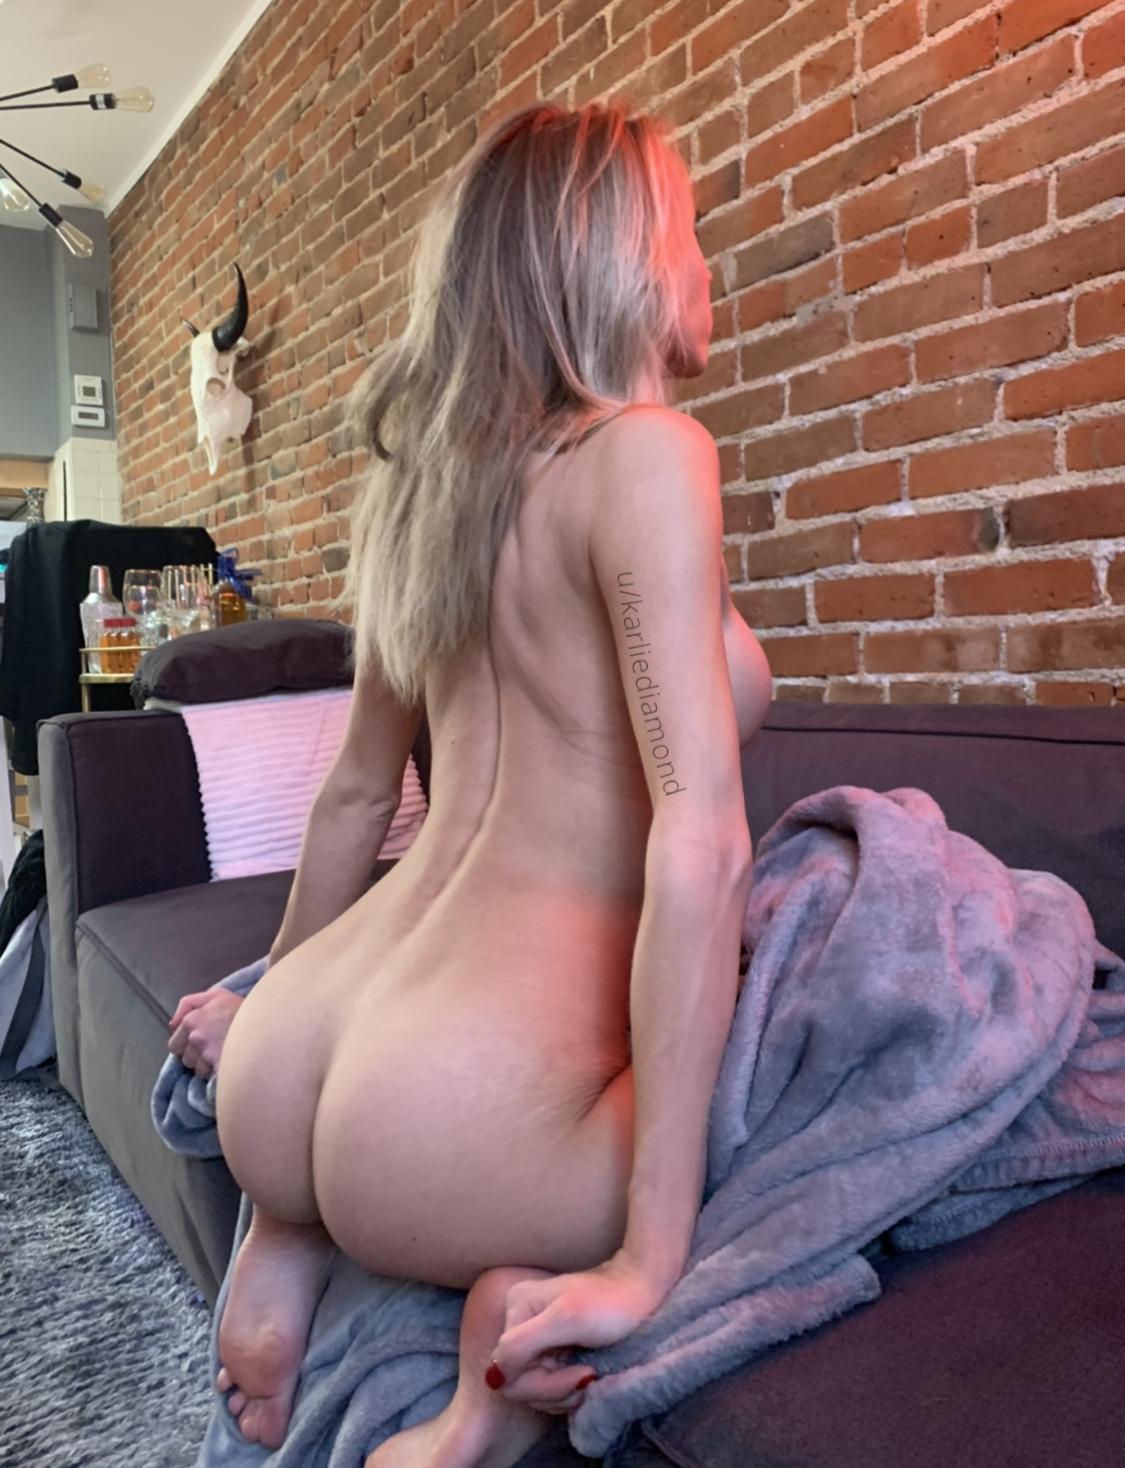 Good Angle